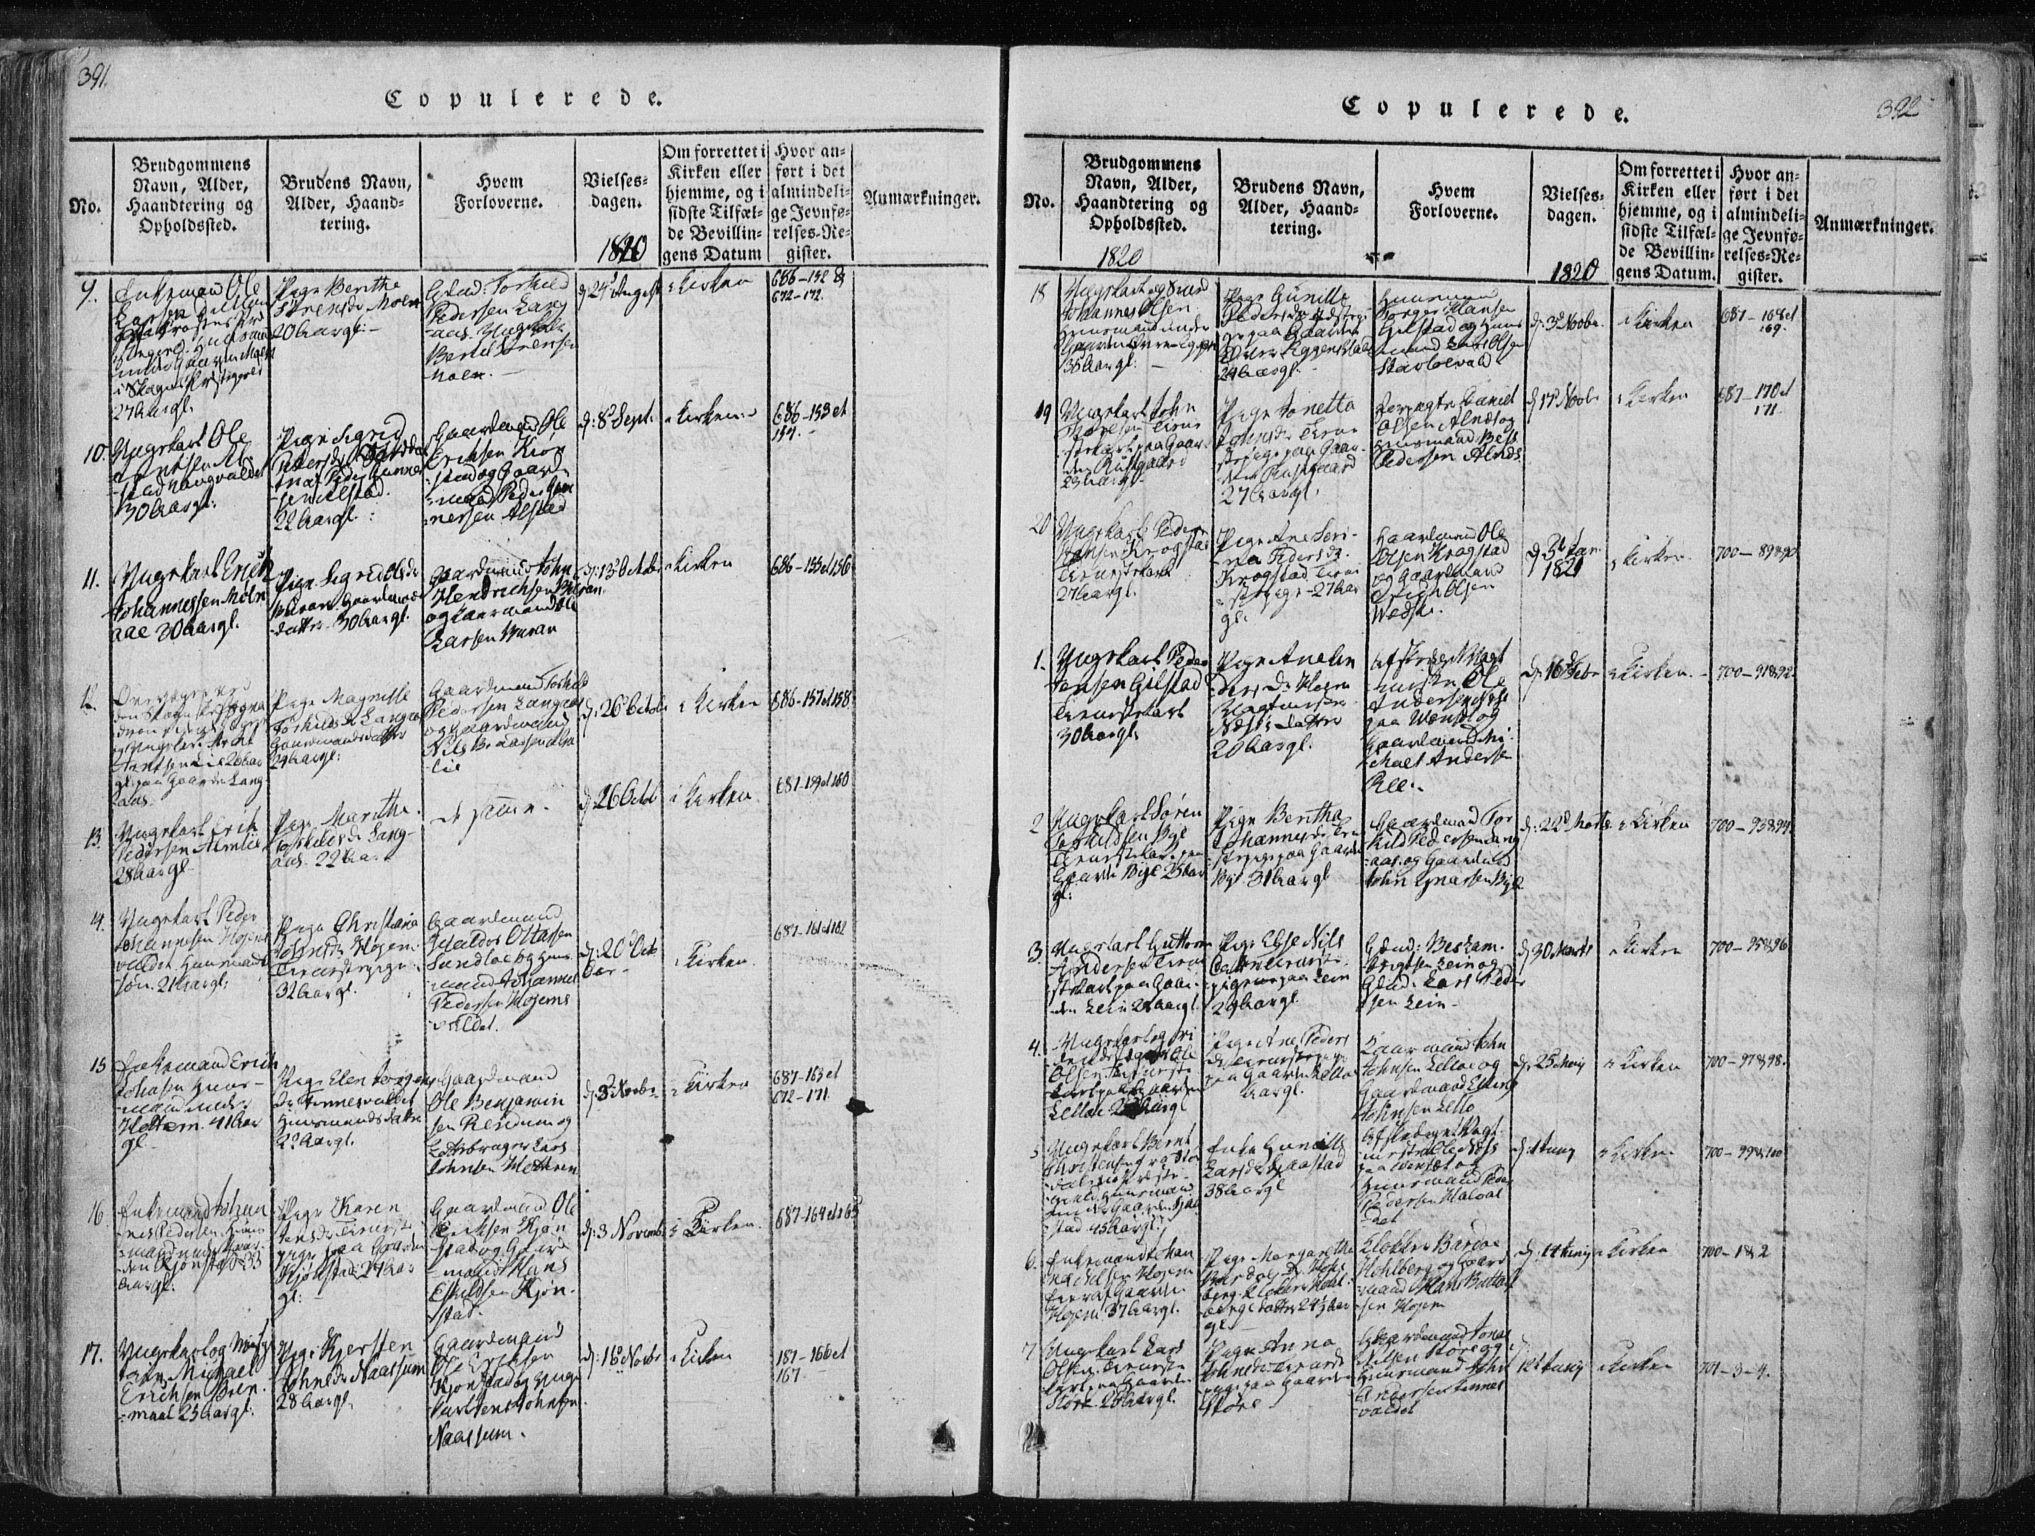 SAT, Ministerialprotokoller, klokkerbøker og fødselsregistre - Nord-Trøndelag, 717/L0148: Ministerialbok nr. 717A04 /1, 1816-1825, s. 391-392